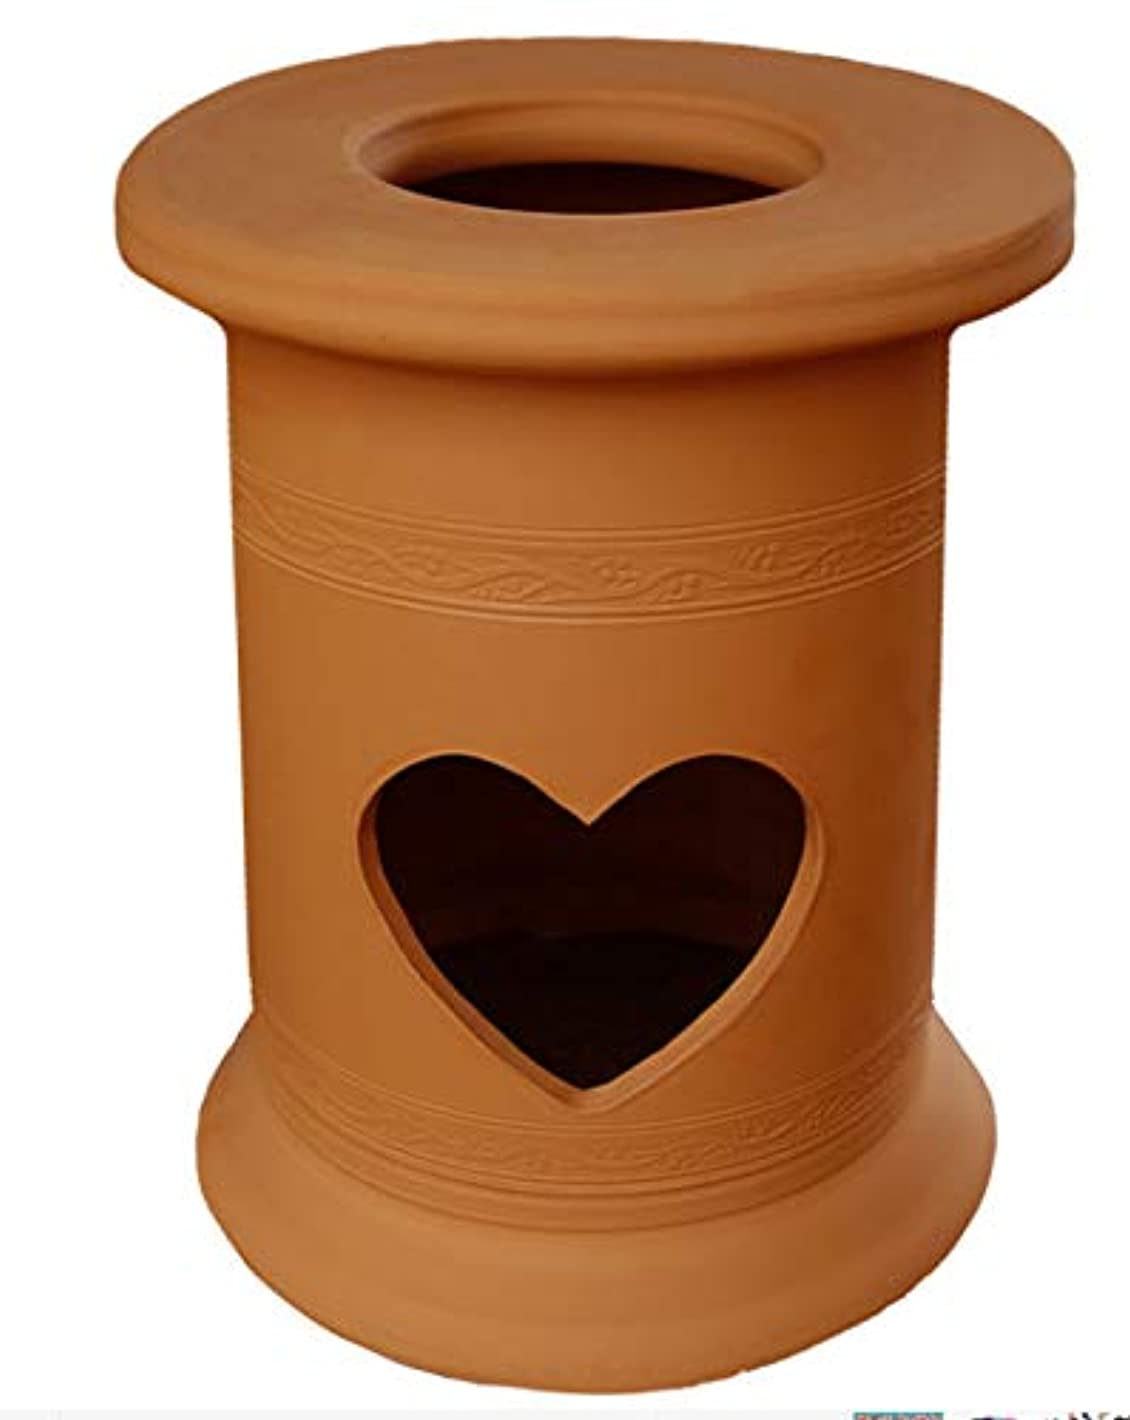 ガードアイデア展開する黄土のヨモギが最高、電気鍋利用の子宮集中形の黄土陶磁器ヨモギ蒸しセット<電気鍋入り>